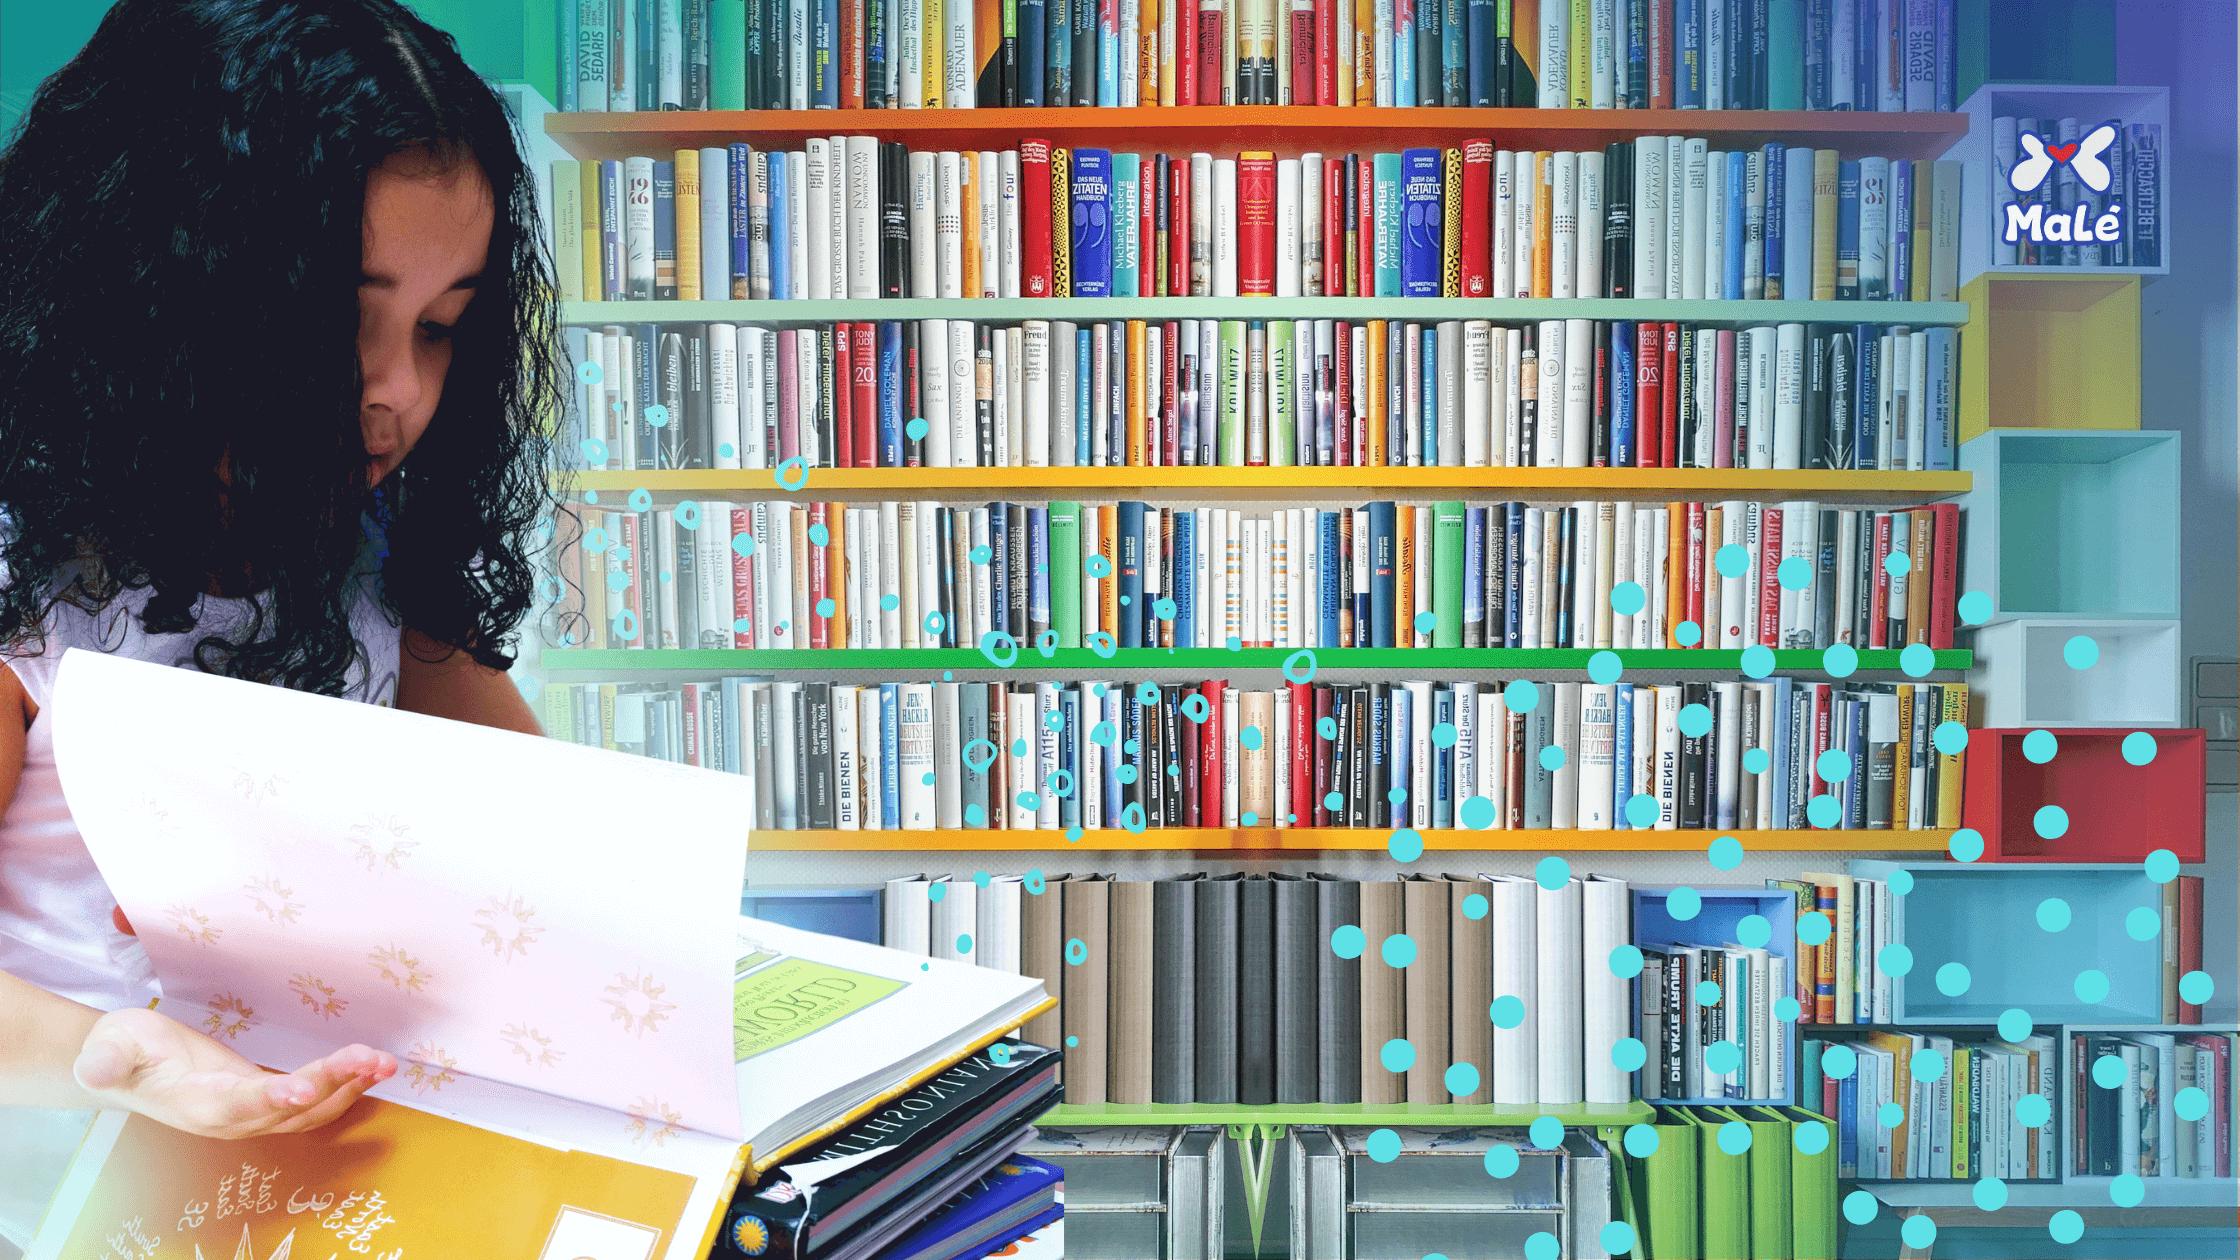 Cómo recomendar libros nuevos a los niños